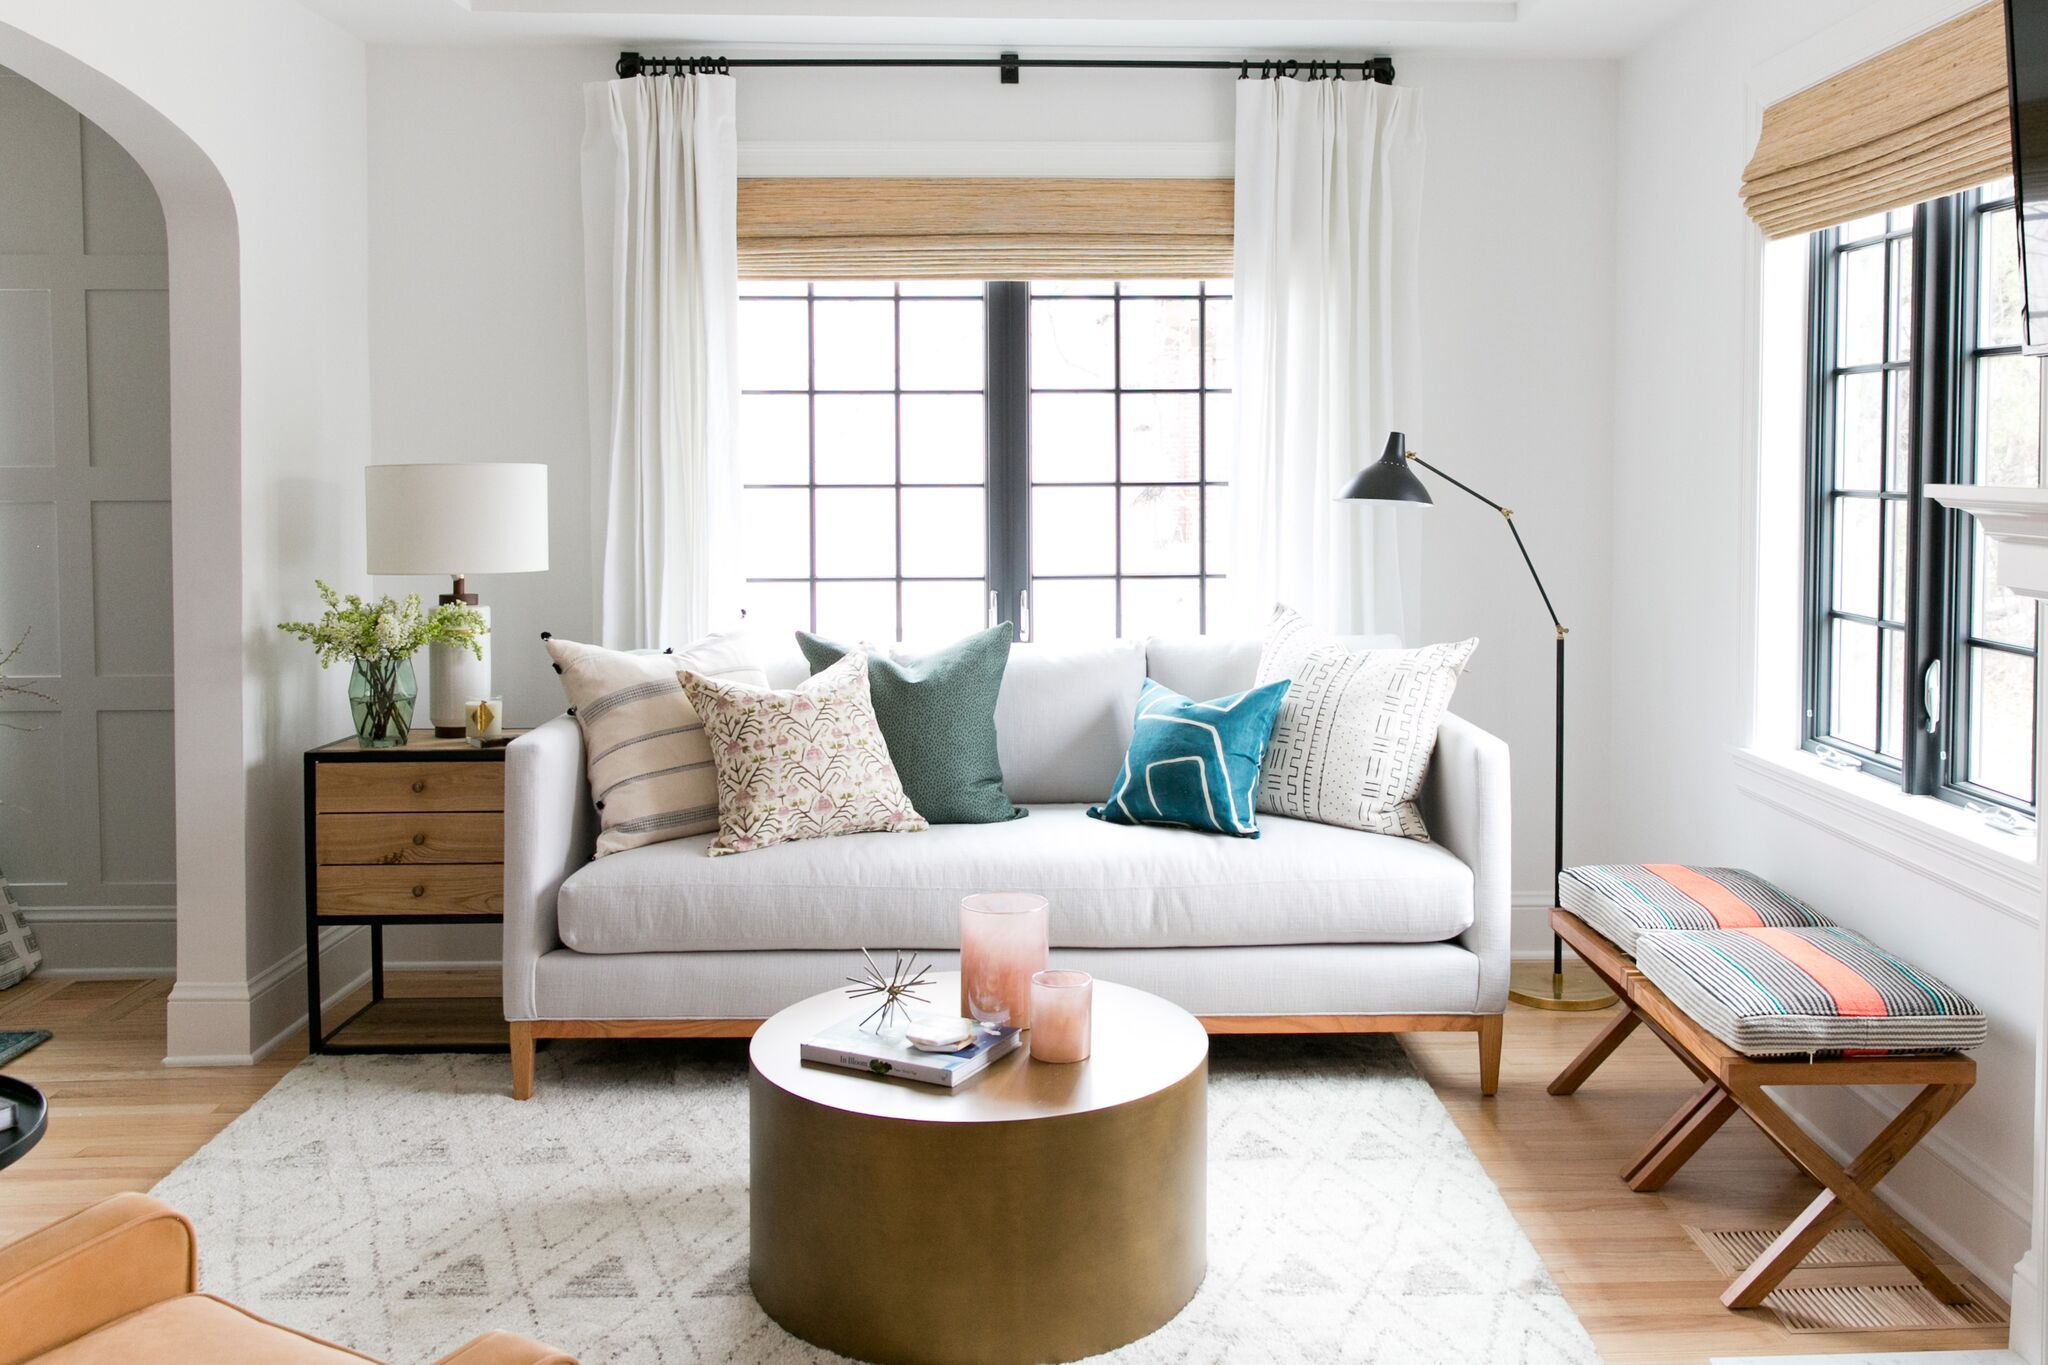 Innenarchitektur wohnzimmer für kleine wohnung bright eclectic living room of the denver tudor project  studio